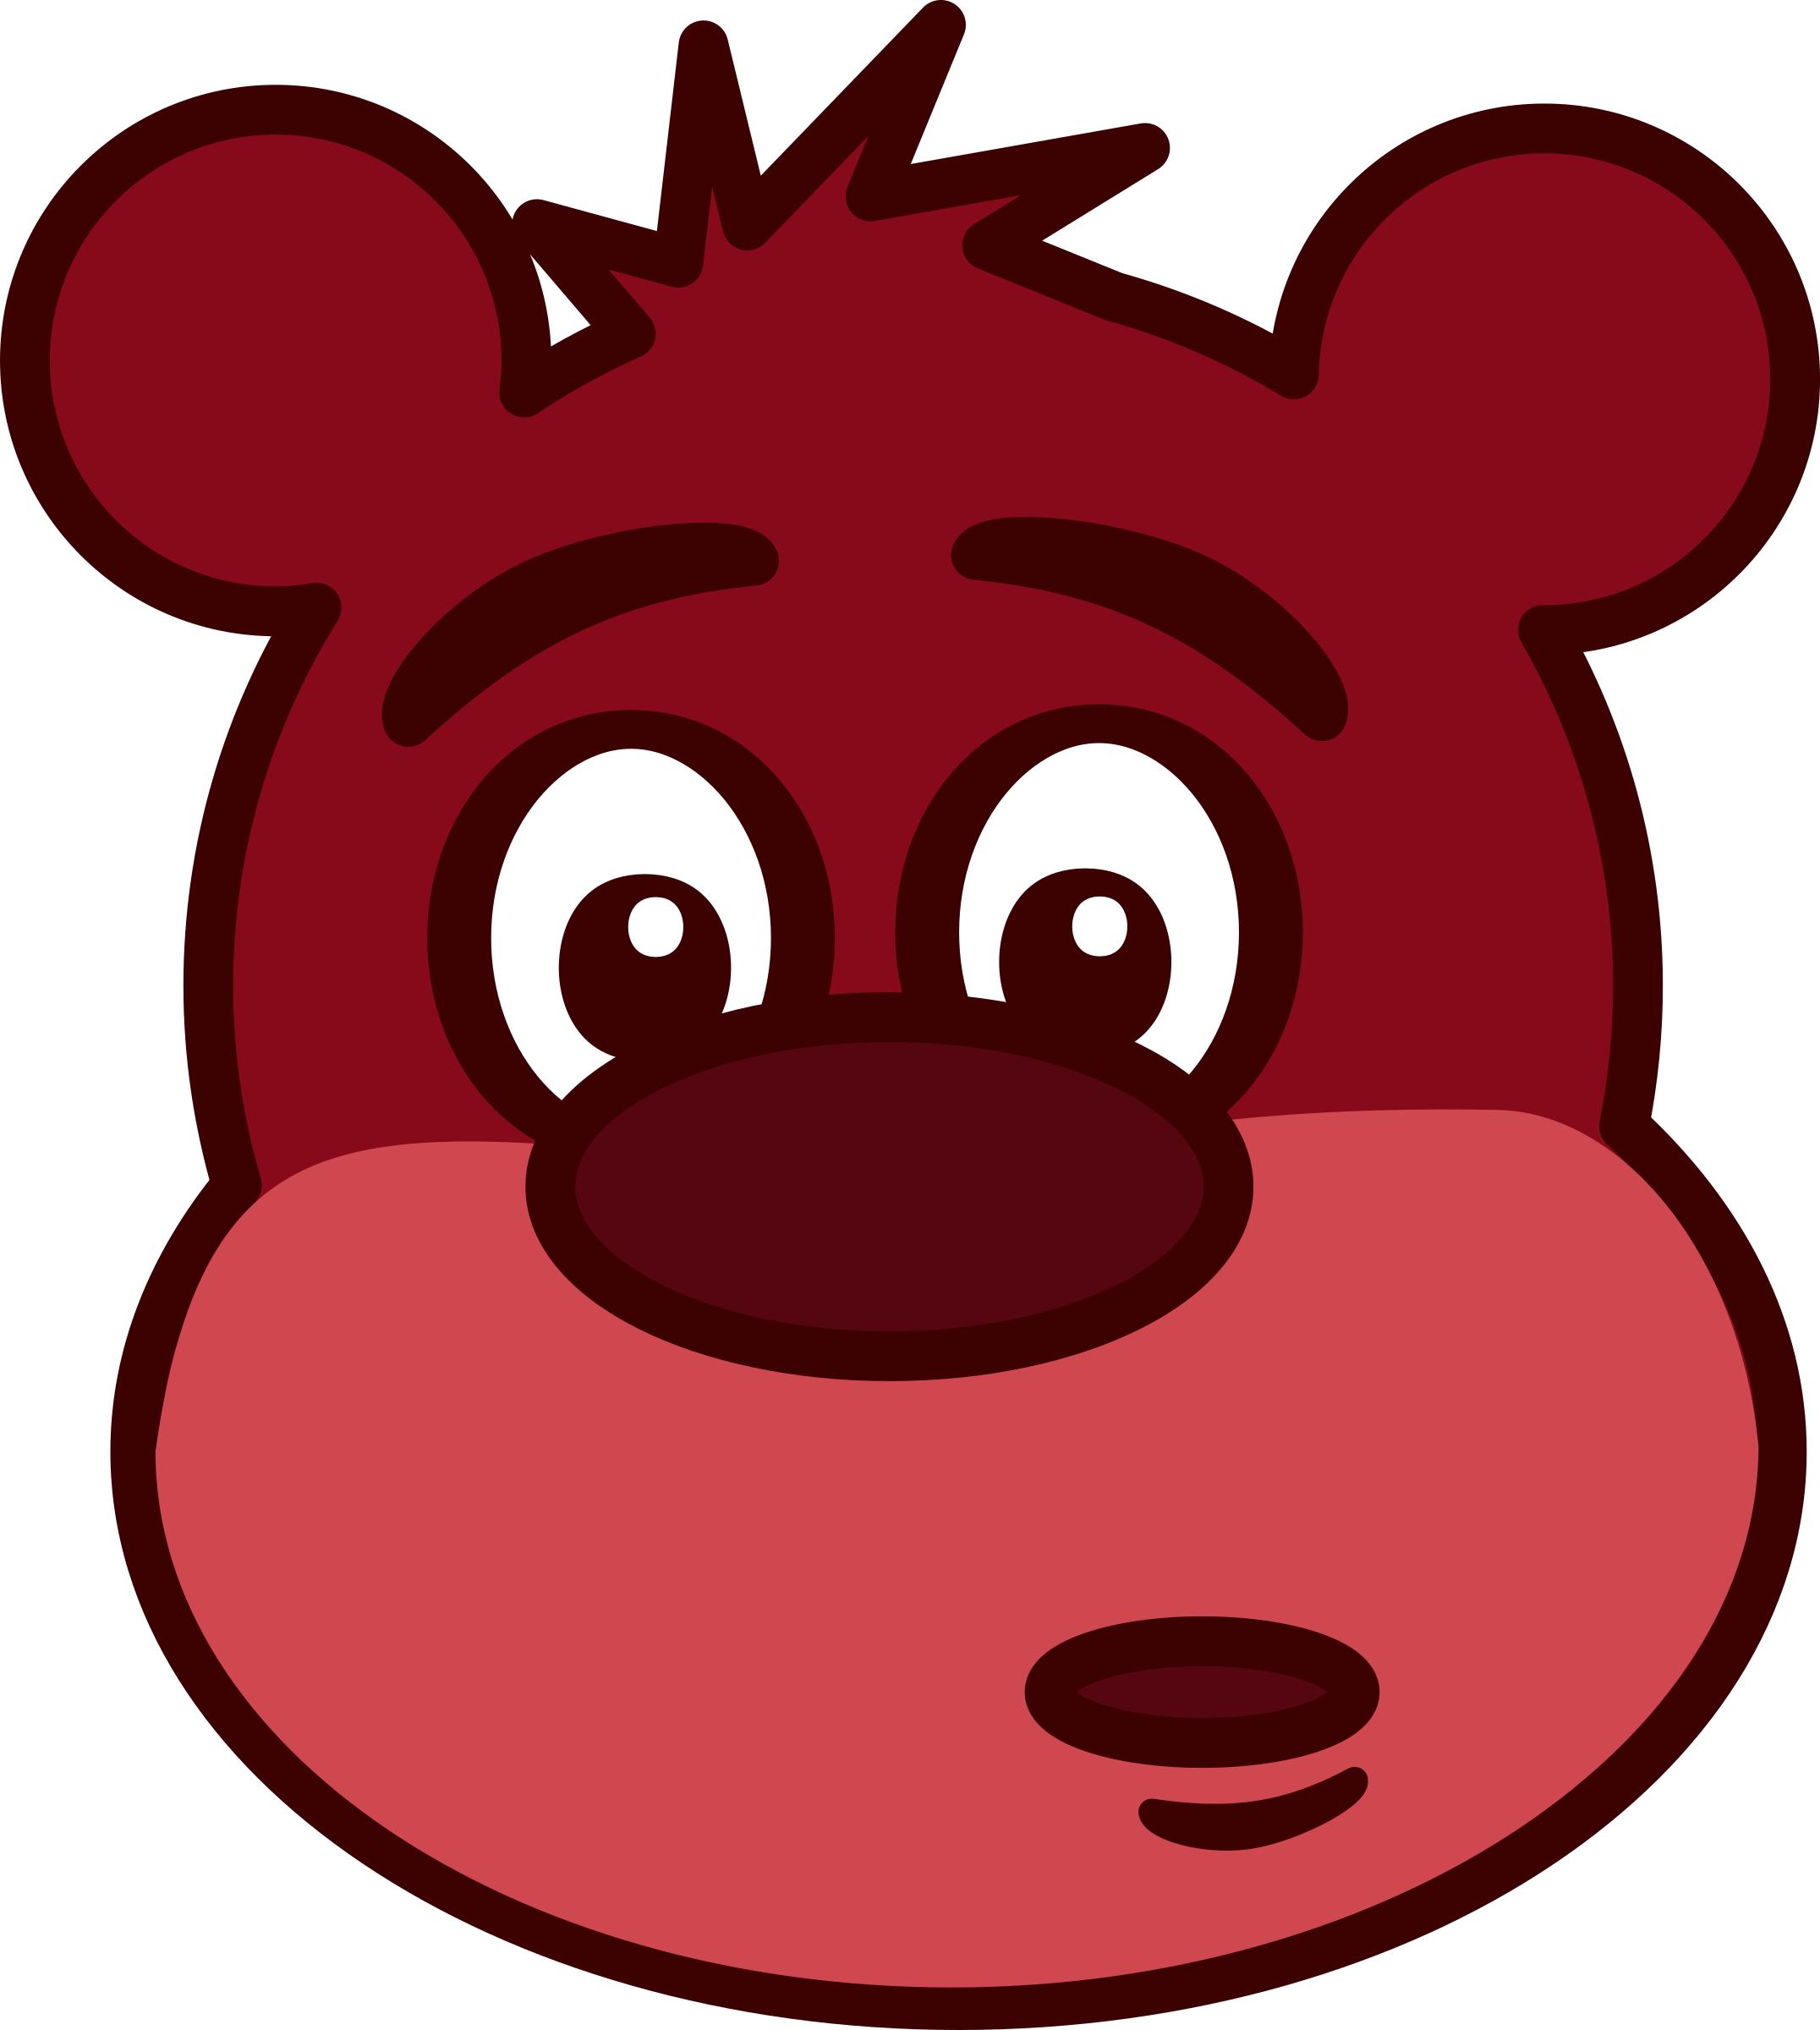 Pin By Sonja Dojoshevska On Funny Pictures Animal Cross Stitch Patterns Funny Teddy Bear Bear Clipart